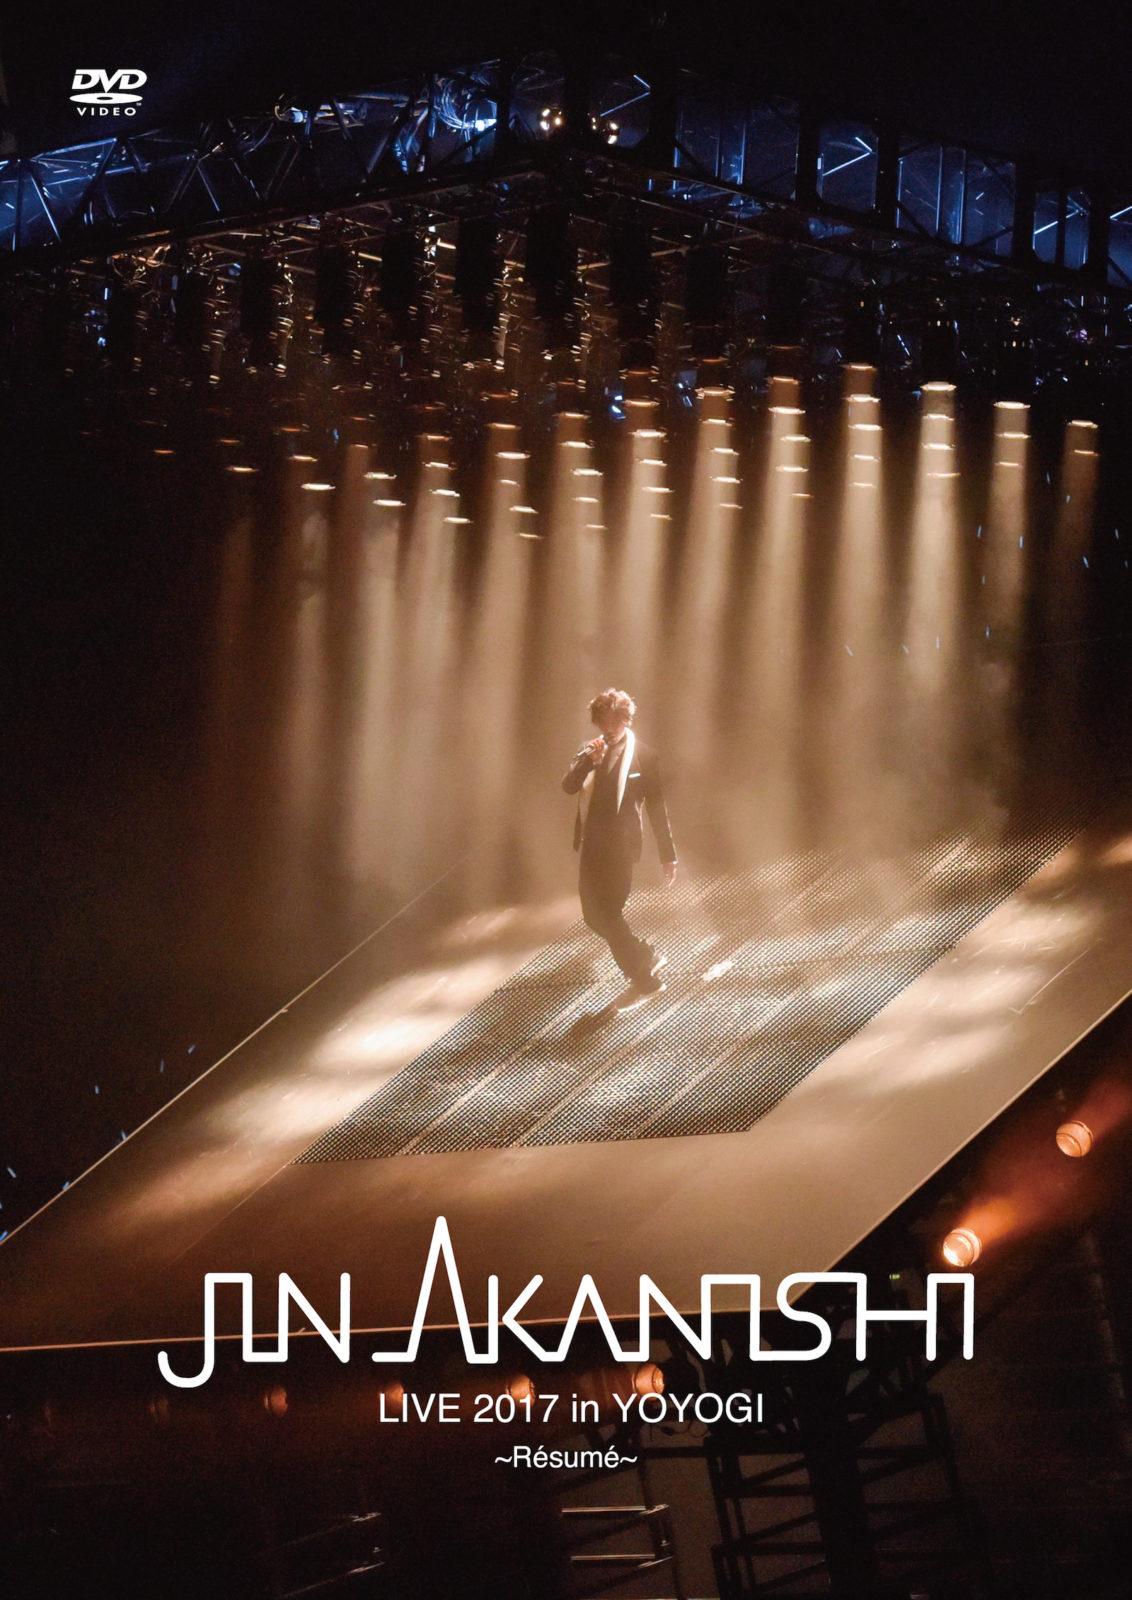 赤西仁、ソロ活動をほぼ時系列に沿って振り返ったスペシャルライブのLIVE DVD&Blu-ray発売決定サムネイル画像